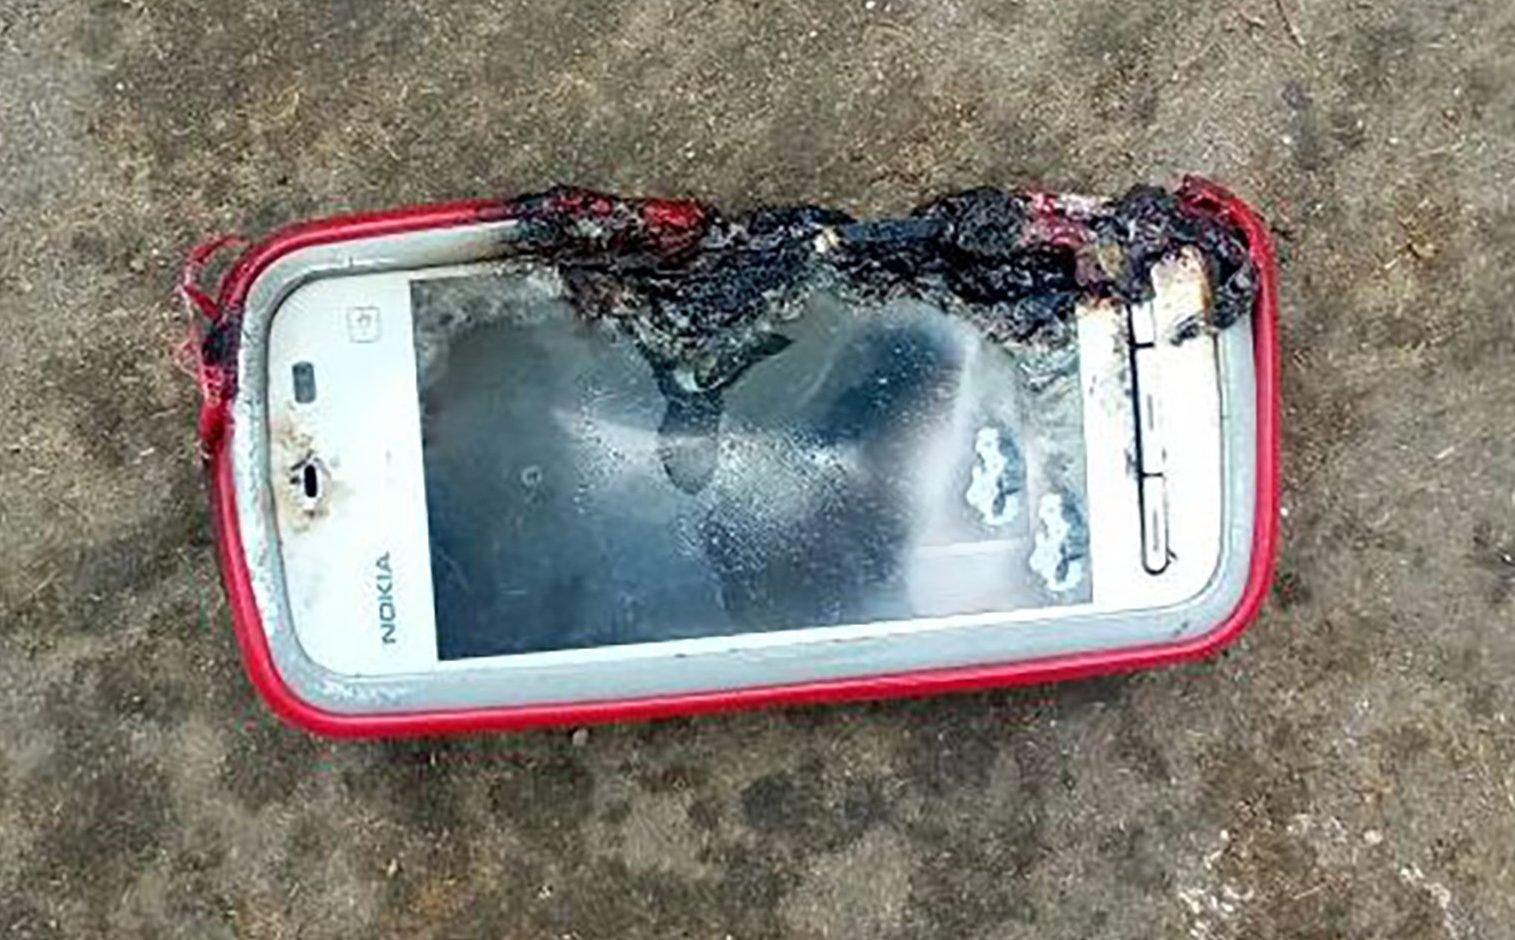 Antigo smartphone Nokia explode e mata jovem durante ligação